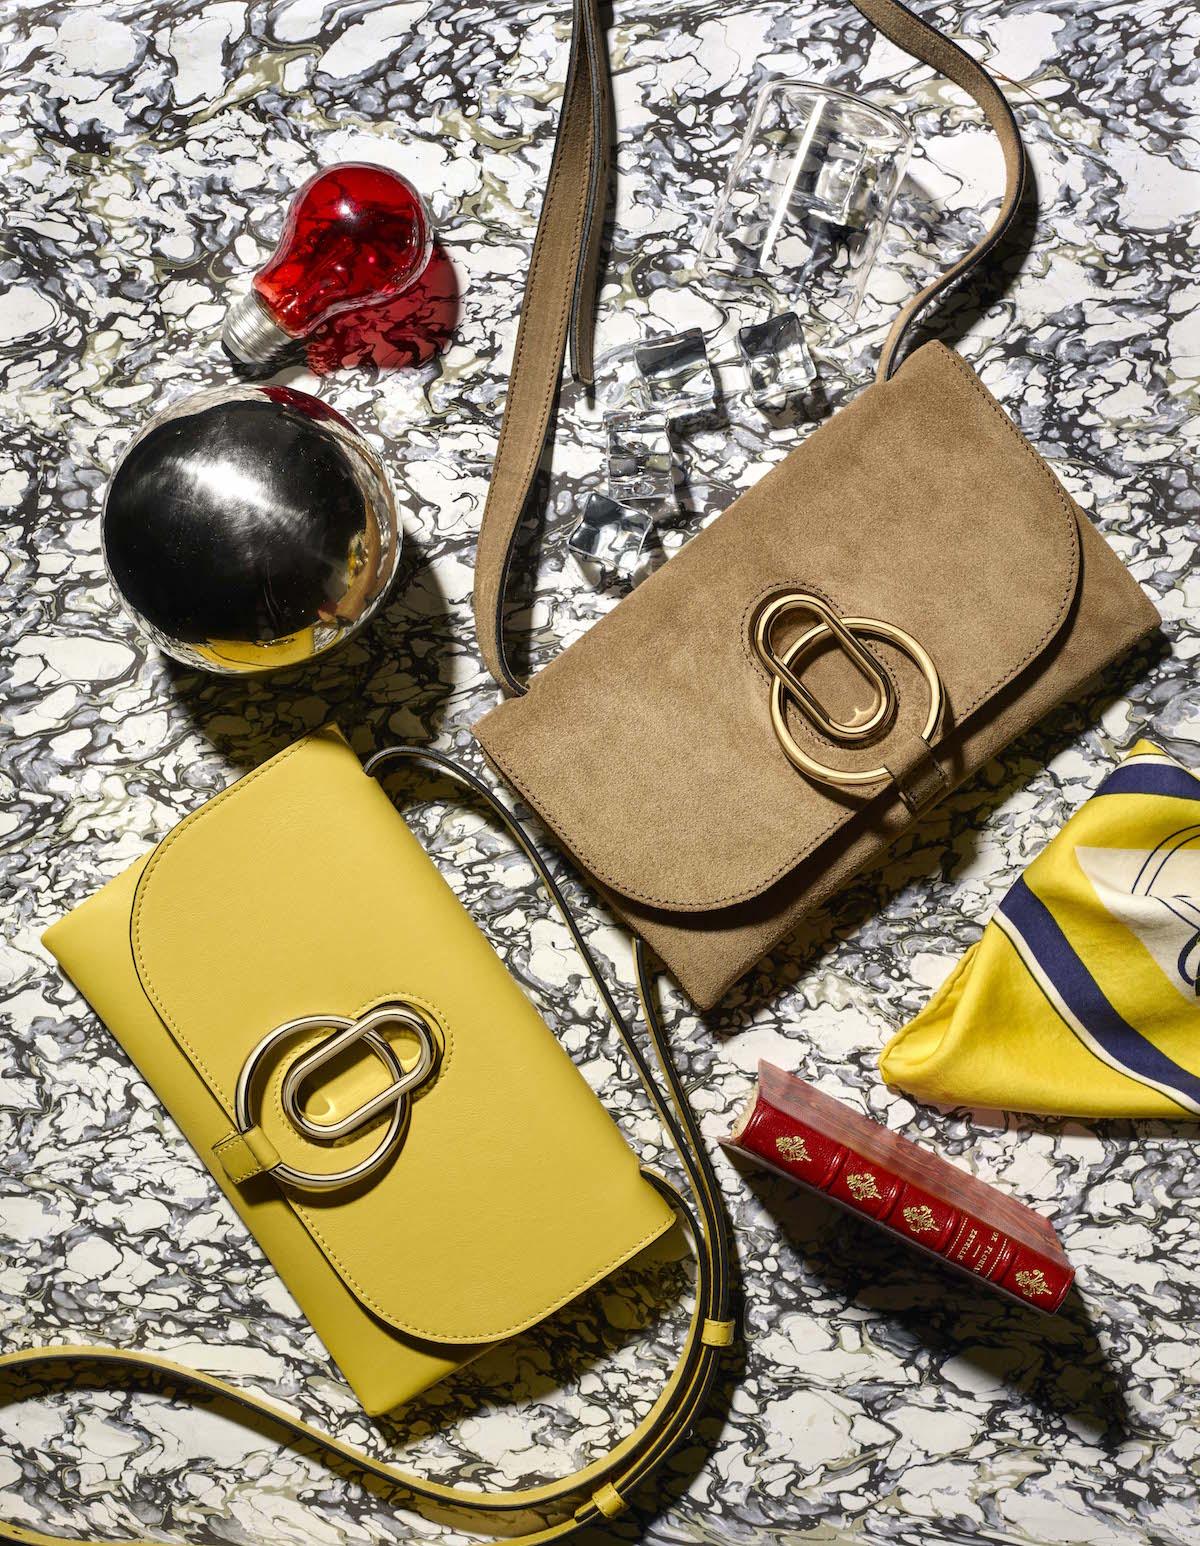 3b0921c6a38e2 Möglicherweise erreichen deine Handtaschen auch einmal den It-Bag-Status  oder werden sogar zu Klassikern. Was glaubst du